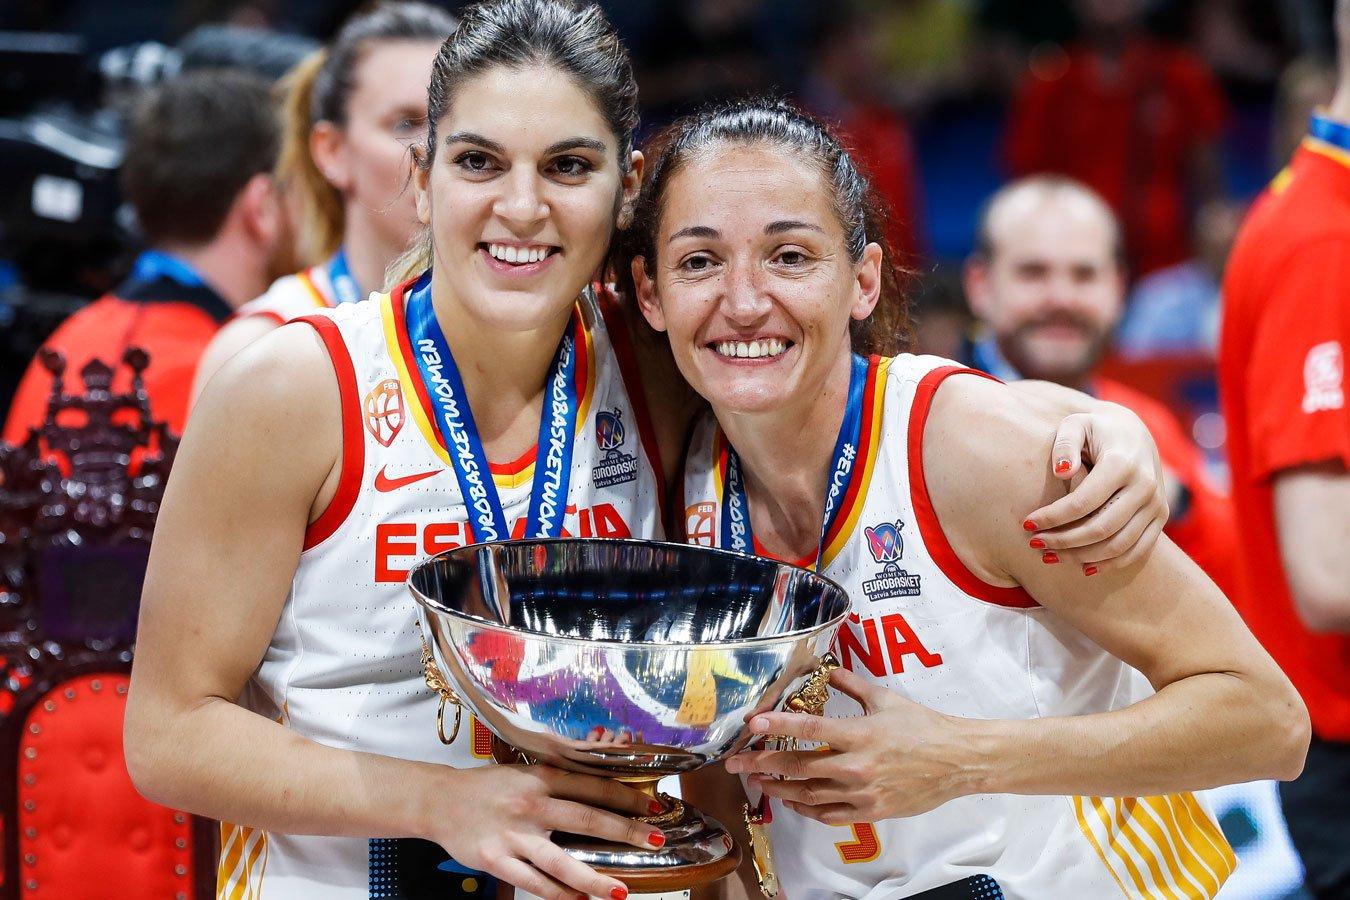 «Всё началось в России». Испанская баскетболистка спровоцировала масштабный скандал